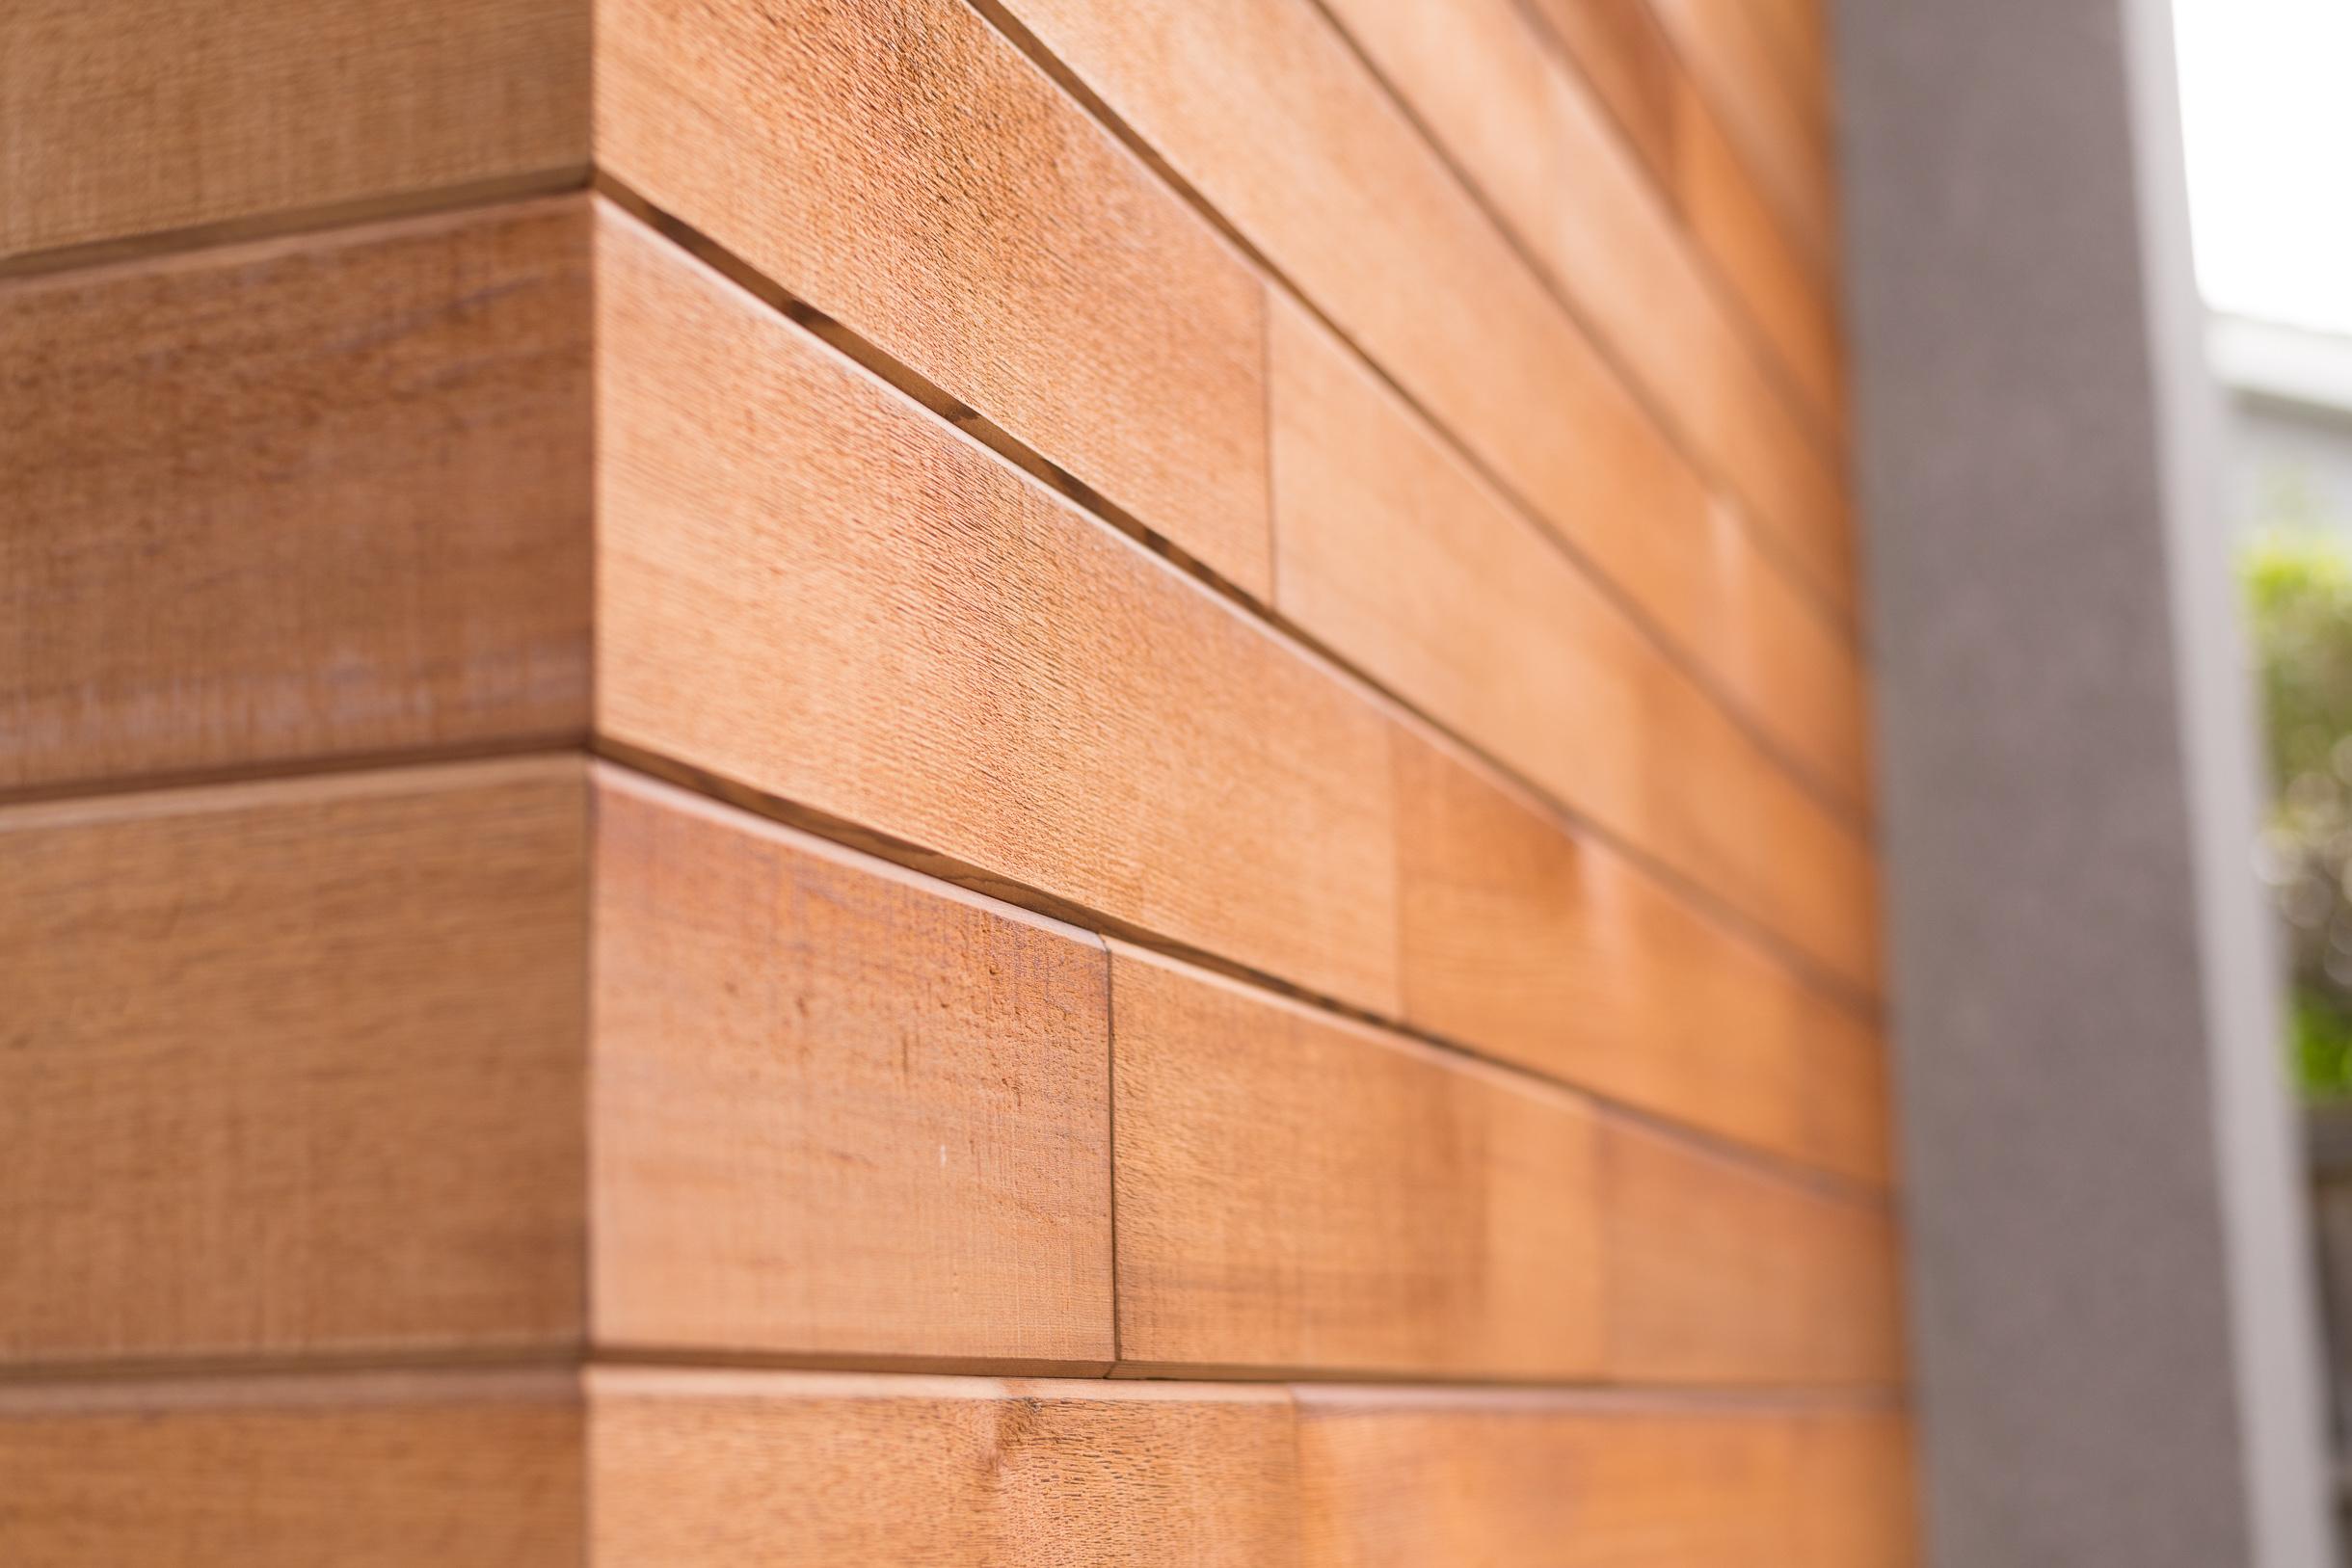 福山市の注文住宅|今井住建の施工事例ギャラリー「外構も素敵にしたい方に」